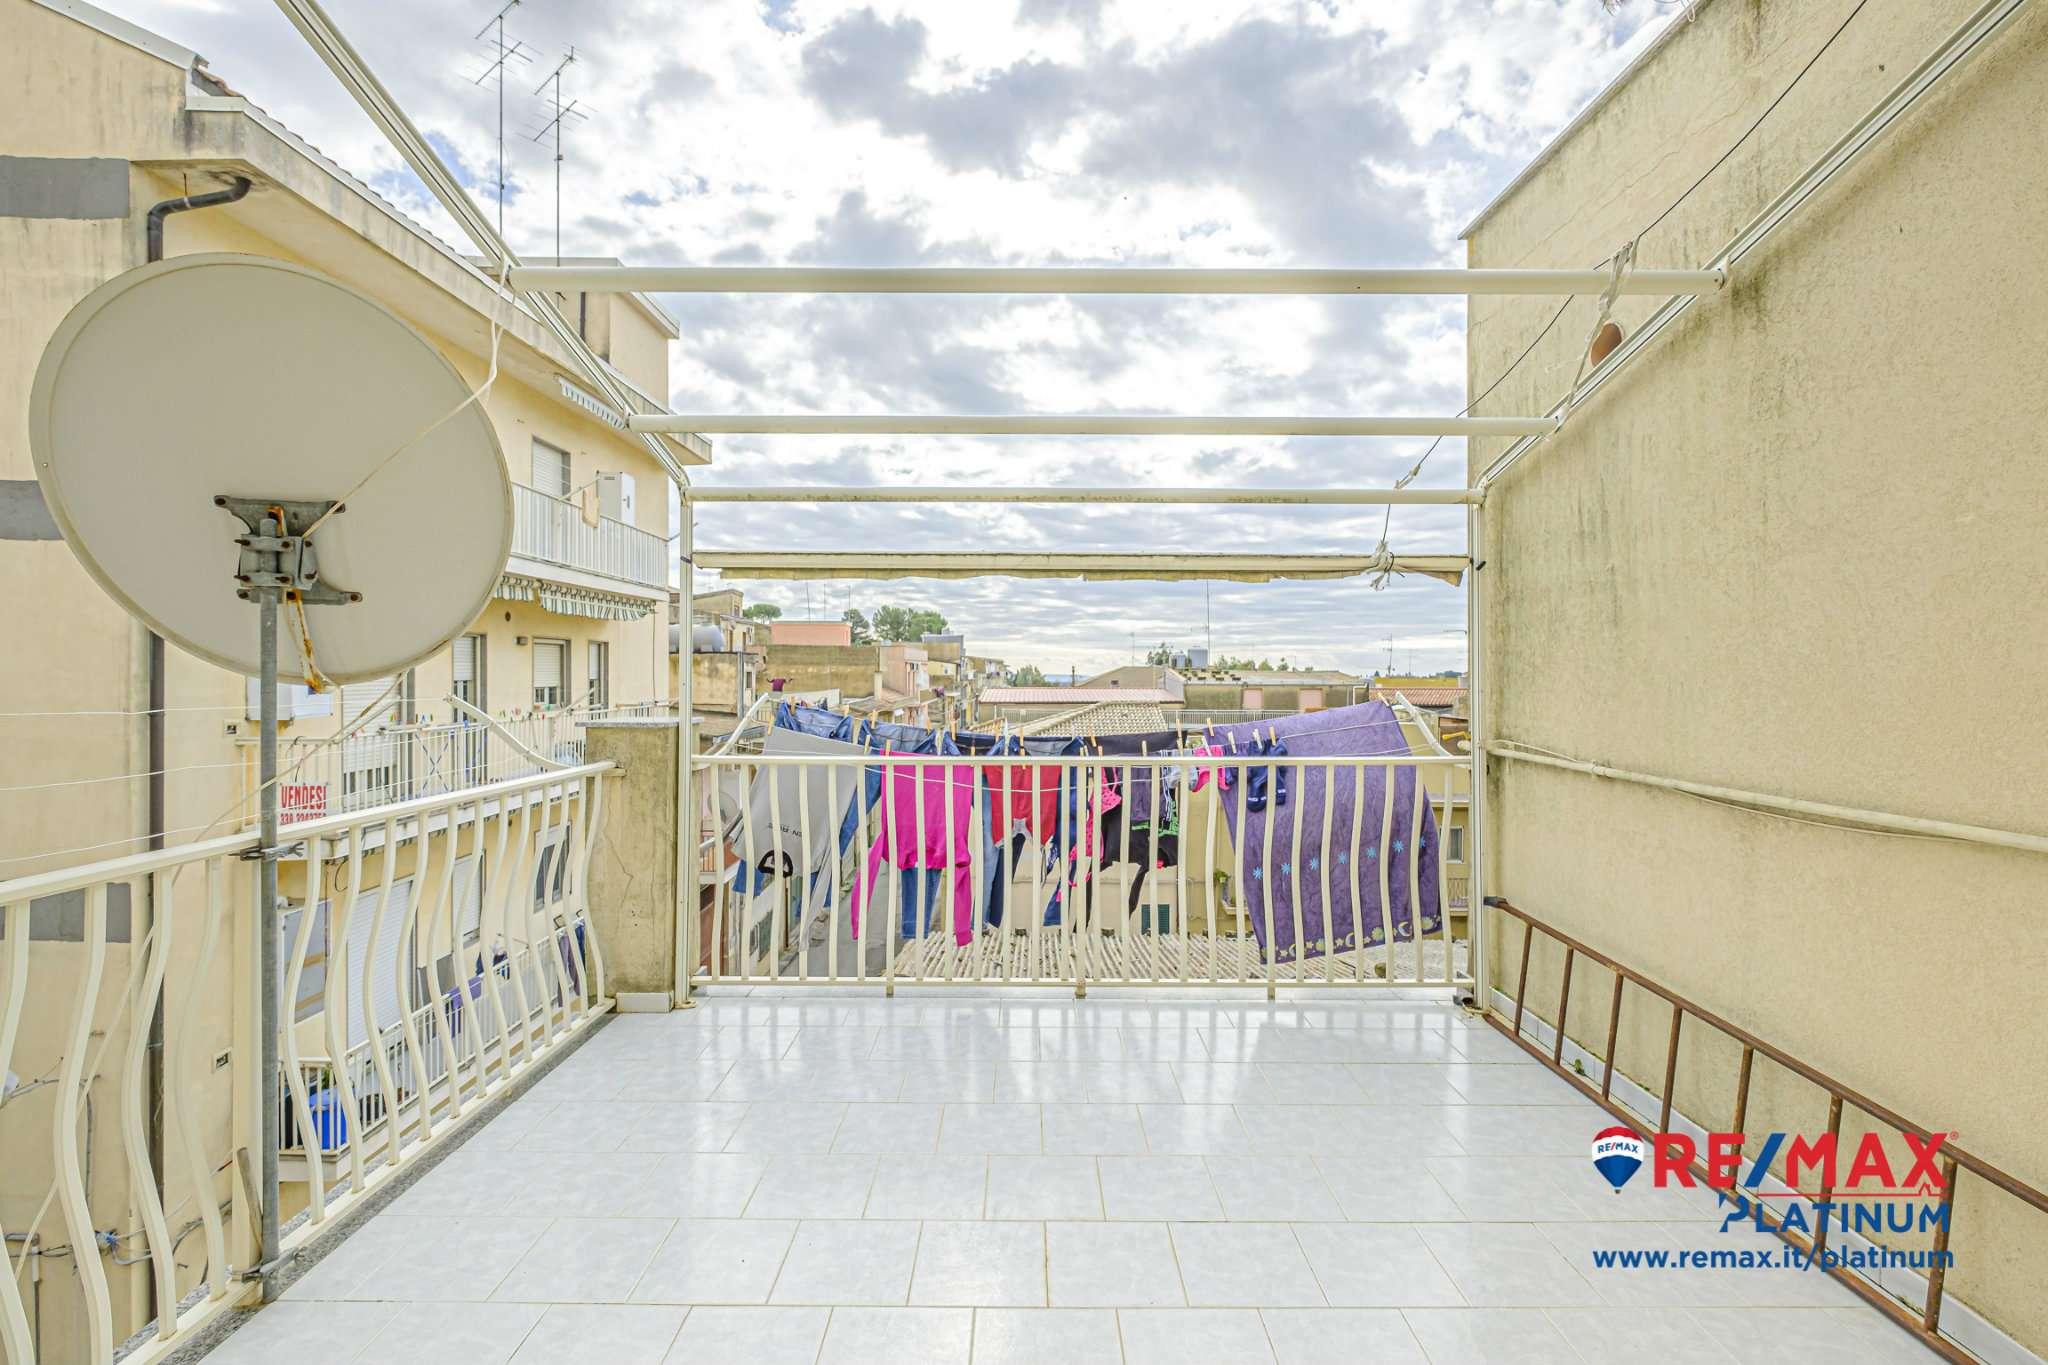 Appartamento in vendita a Caltagirone, 5 locali, prezzo € 70.000 | PortaleAgenzieImmobiliari.it